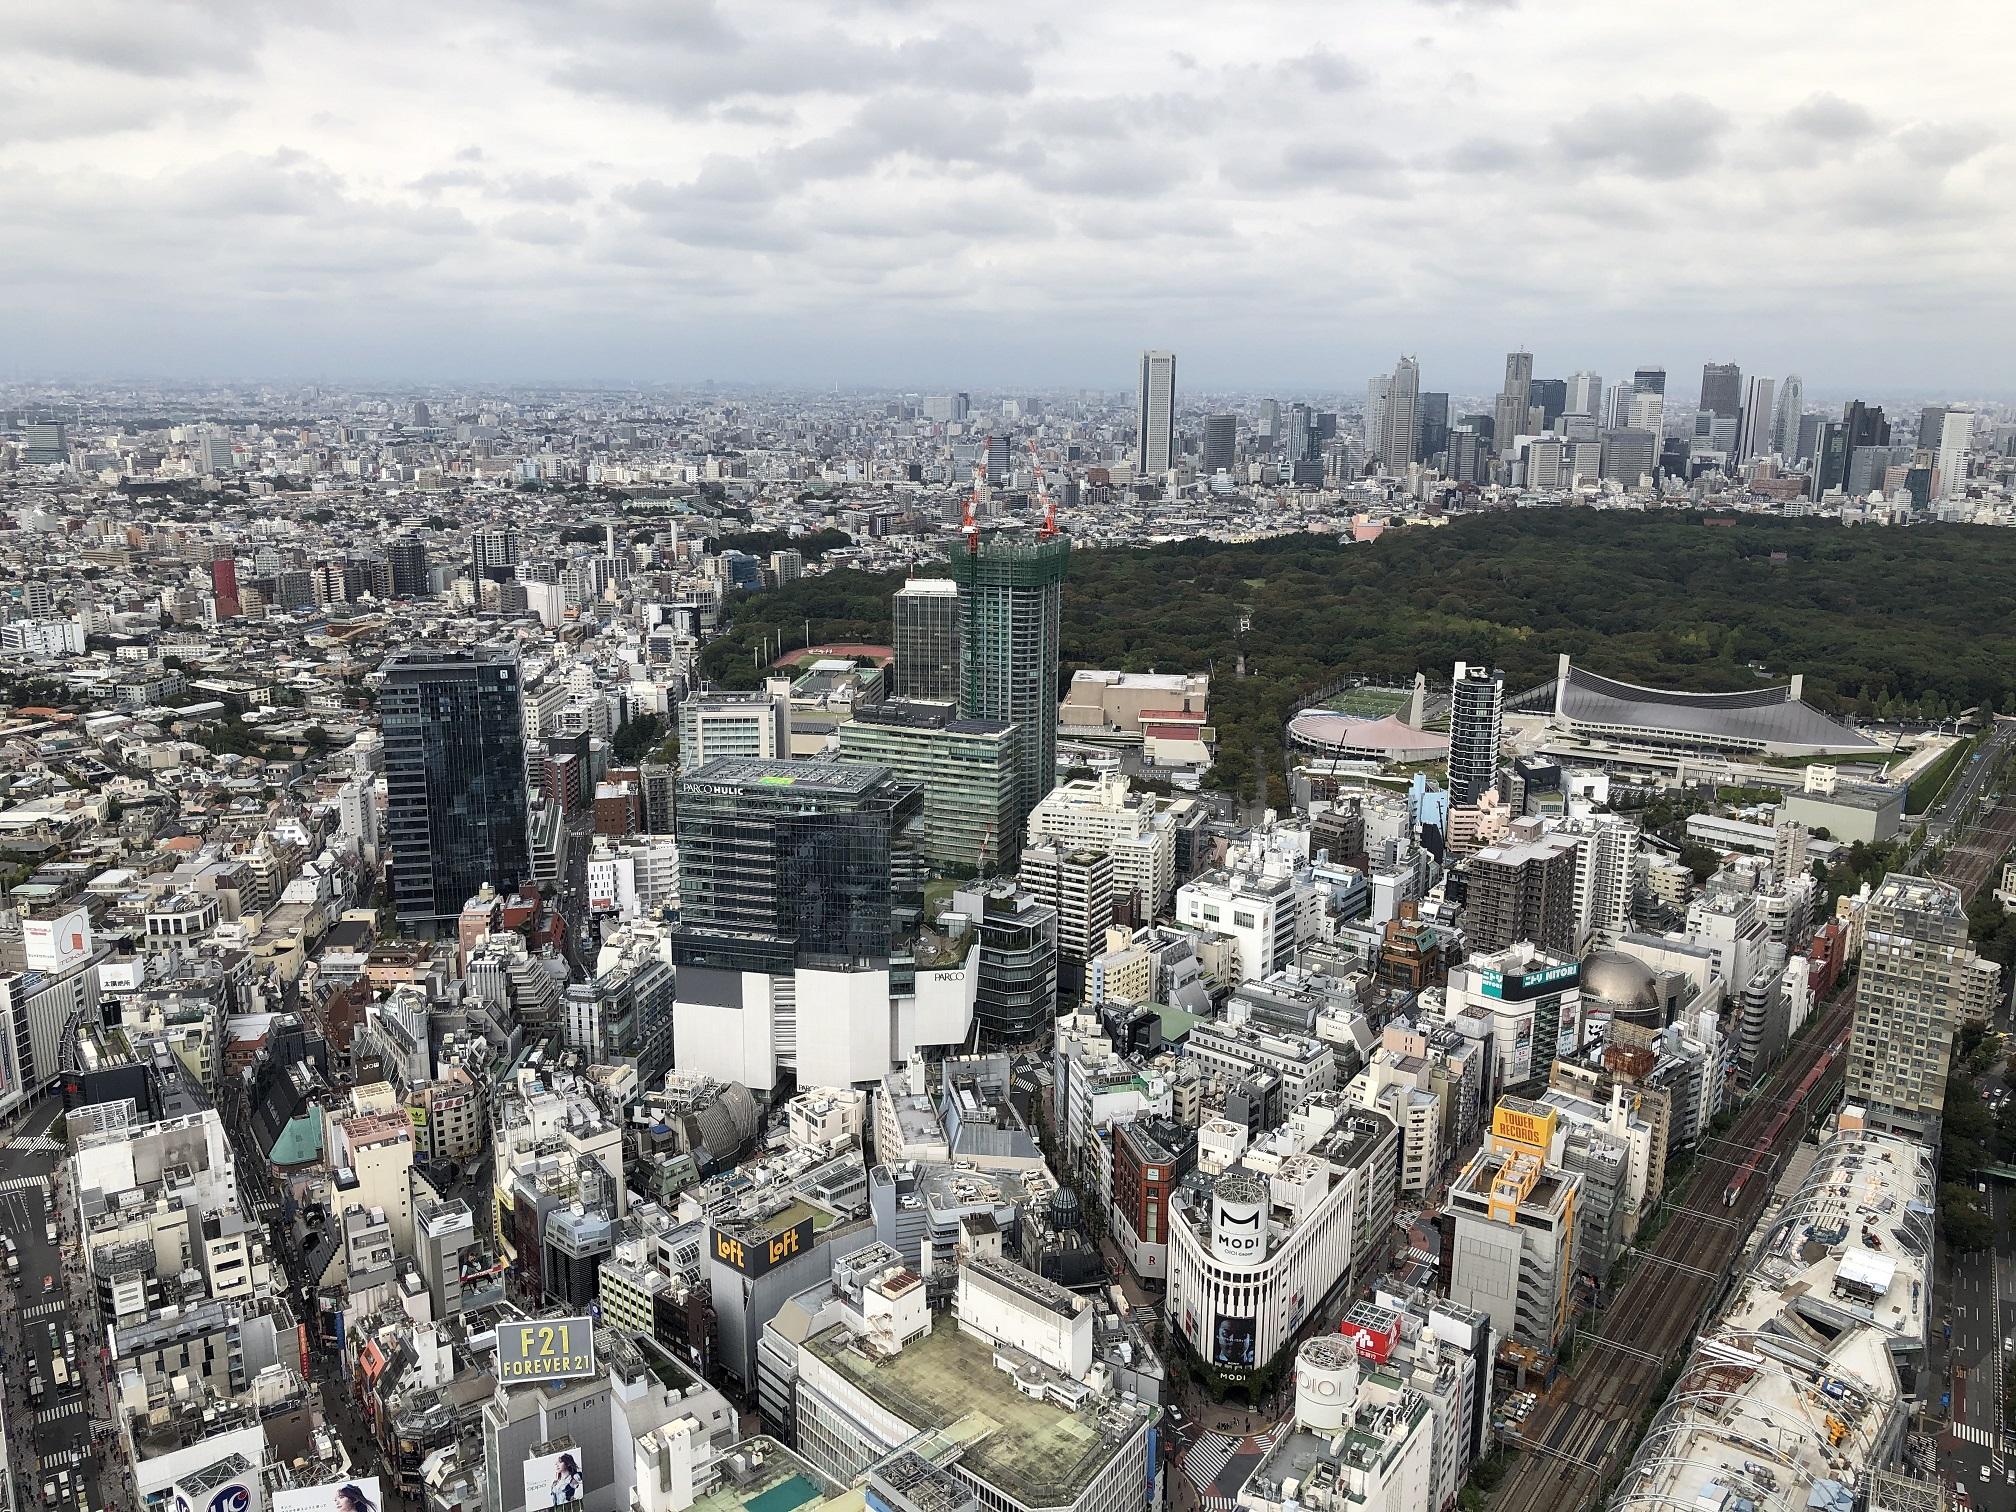 Gu 渋谷